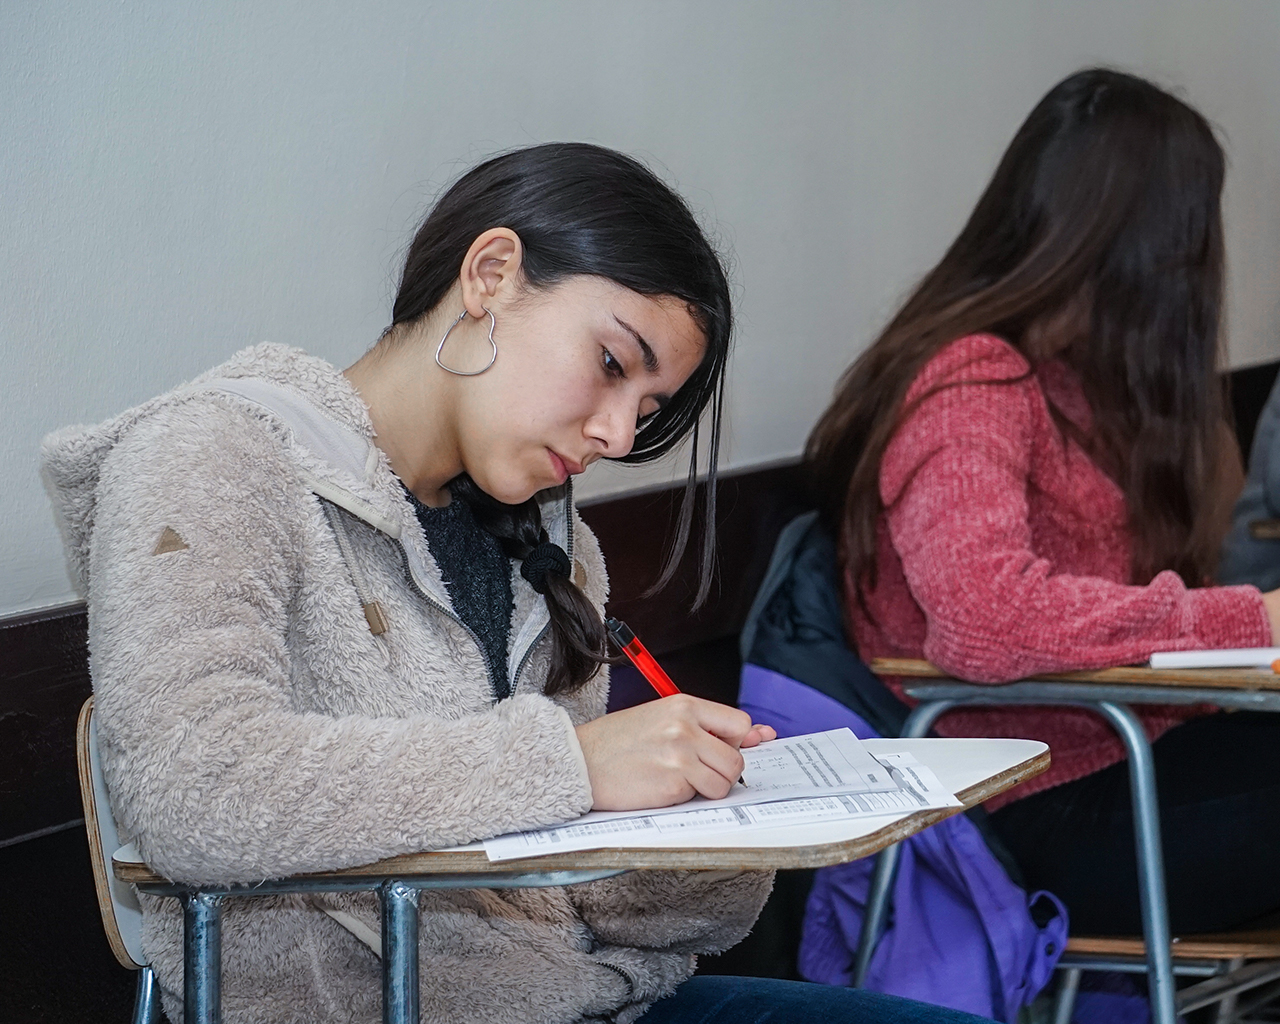 Plantean relevancia de aspectos socioemocionales  en futuro retorno a clases presenciales